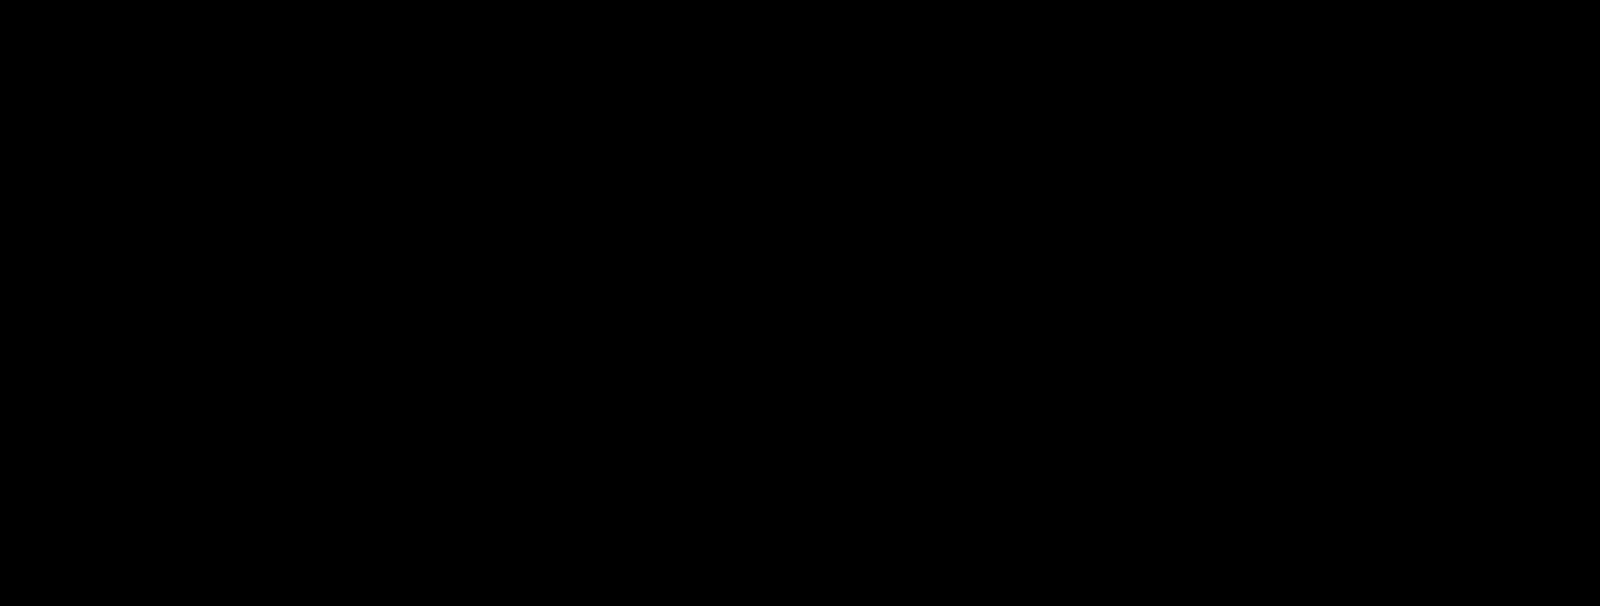 حل تمارين الرياضيات للسنة الرابعة متوسط ص 172 MsjqhamrWeUkECZHzhGLRkrBEgRWujTbDFTFmXVy4Oo4c7dc3f79OuUFMcgig3tjJ4yMsMfBQnd1L1IqGzXDEx6LktIafJHRrfSi-R_jtl6gdRrALzbKUKkOVvFjLJoDoWn9XzPWEBRHoIPZ0w